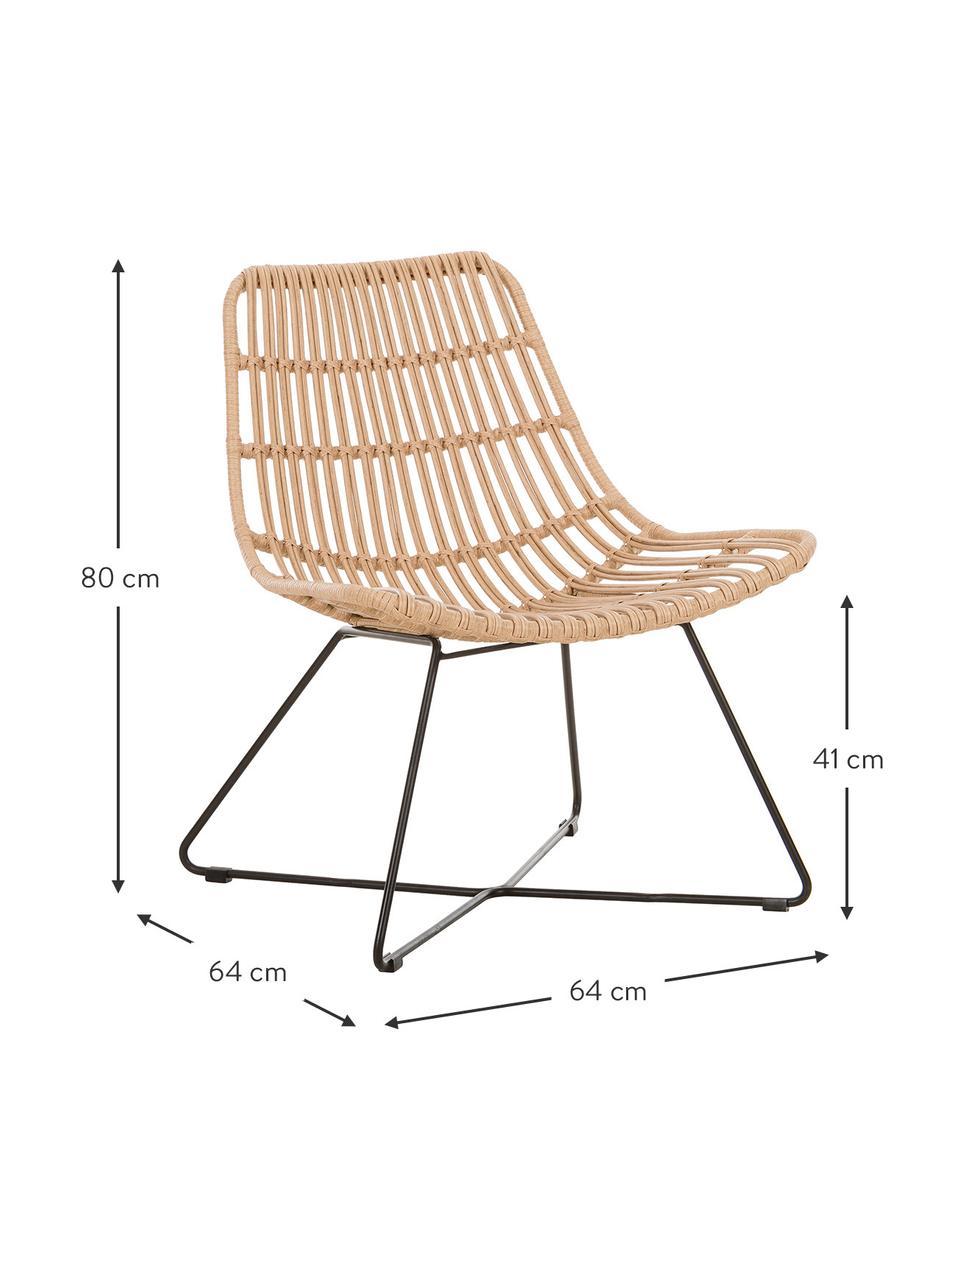 Polyratten-Loungesessel Costa in Hellbraun, Sitzfläche: Polyethylen-Geflecht, Gestell: Metall, pulverbeschichtet, Hellbraun, Schwarz, B 64 x T 64 cm